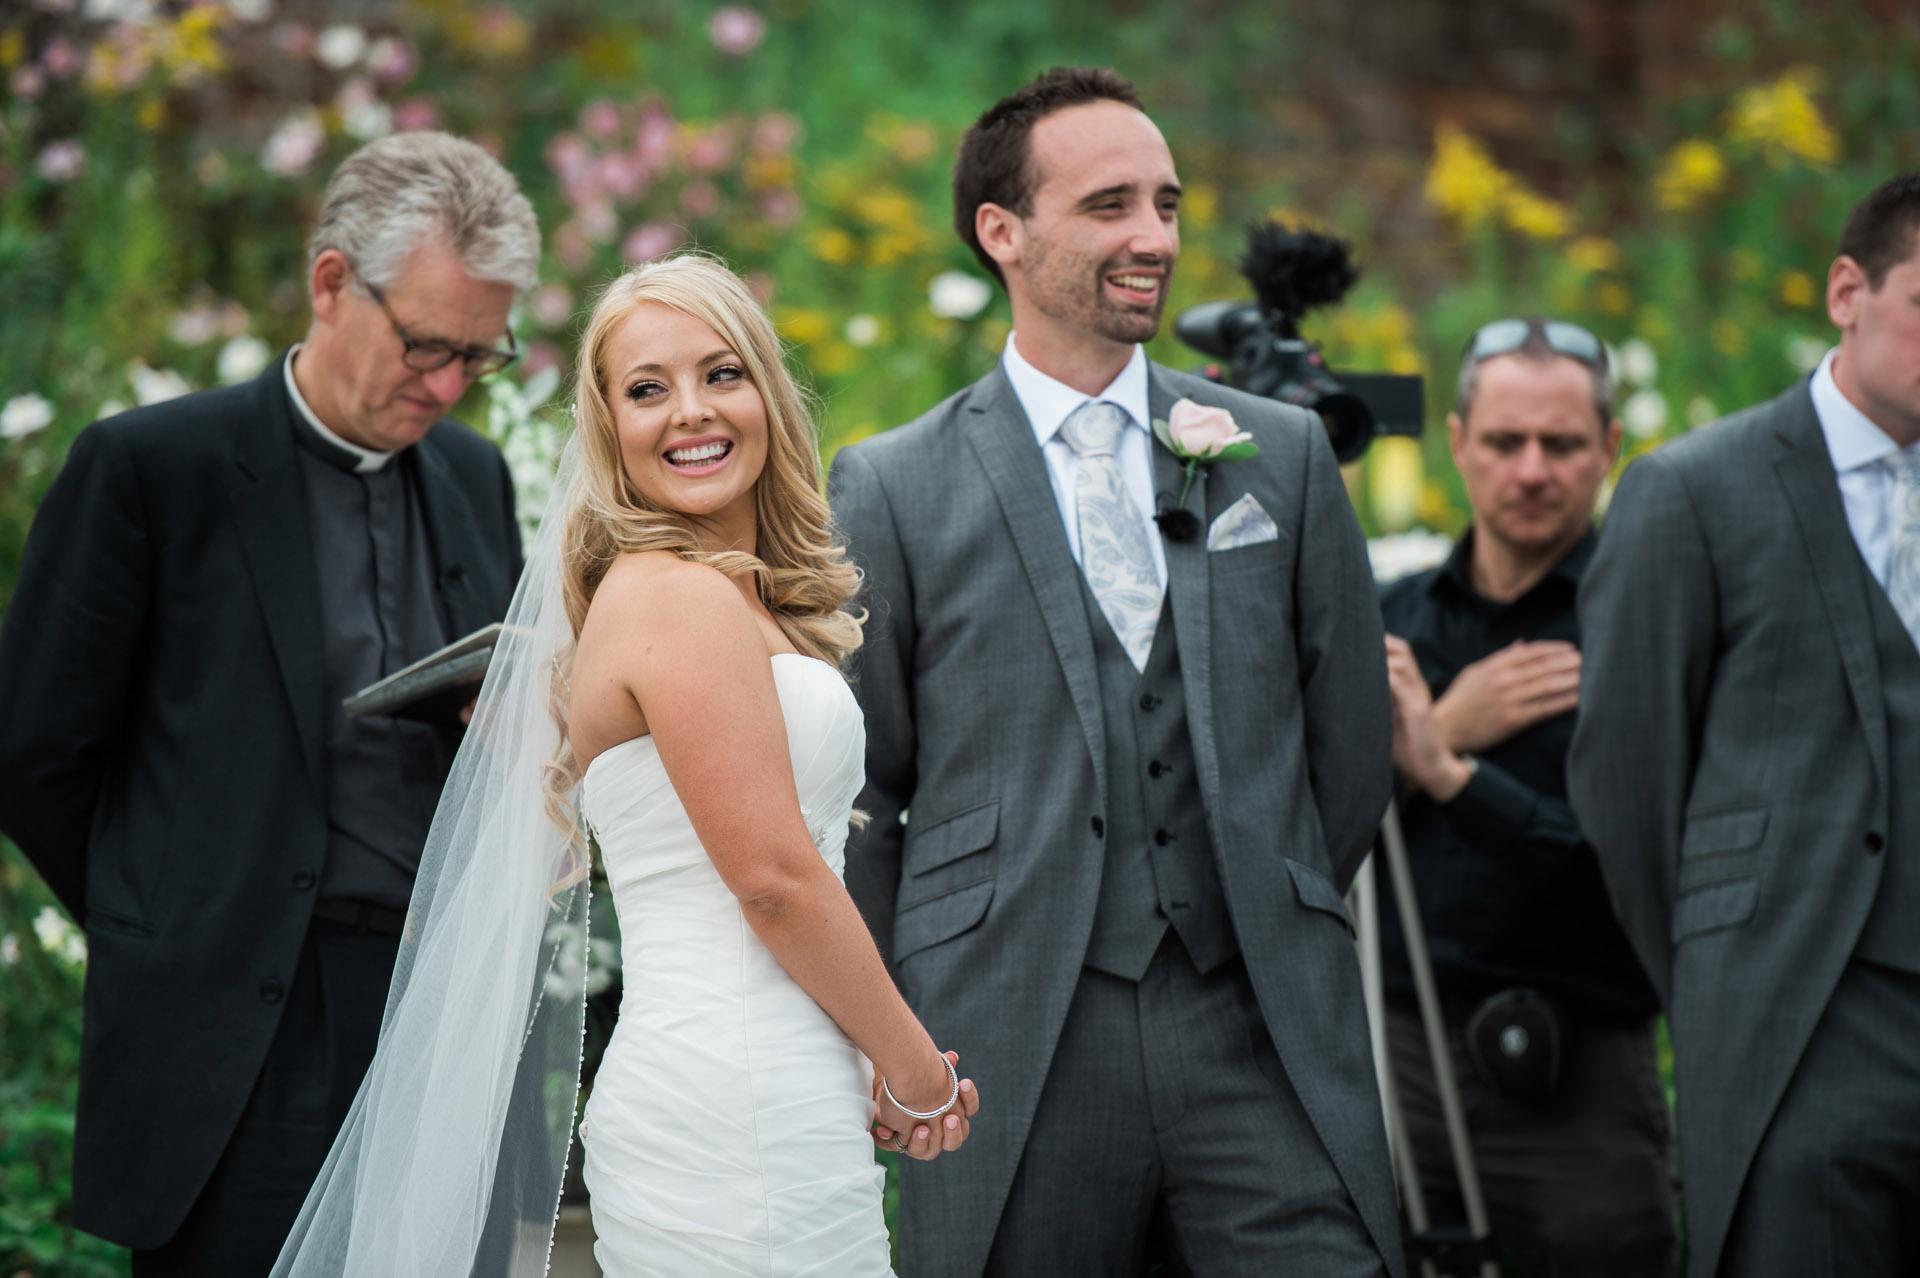 outdoor wedding ceremony somerset